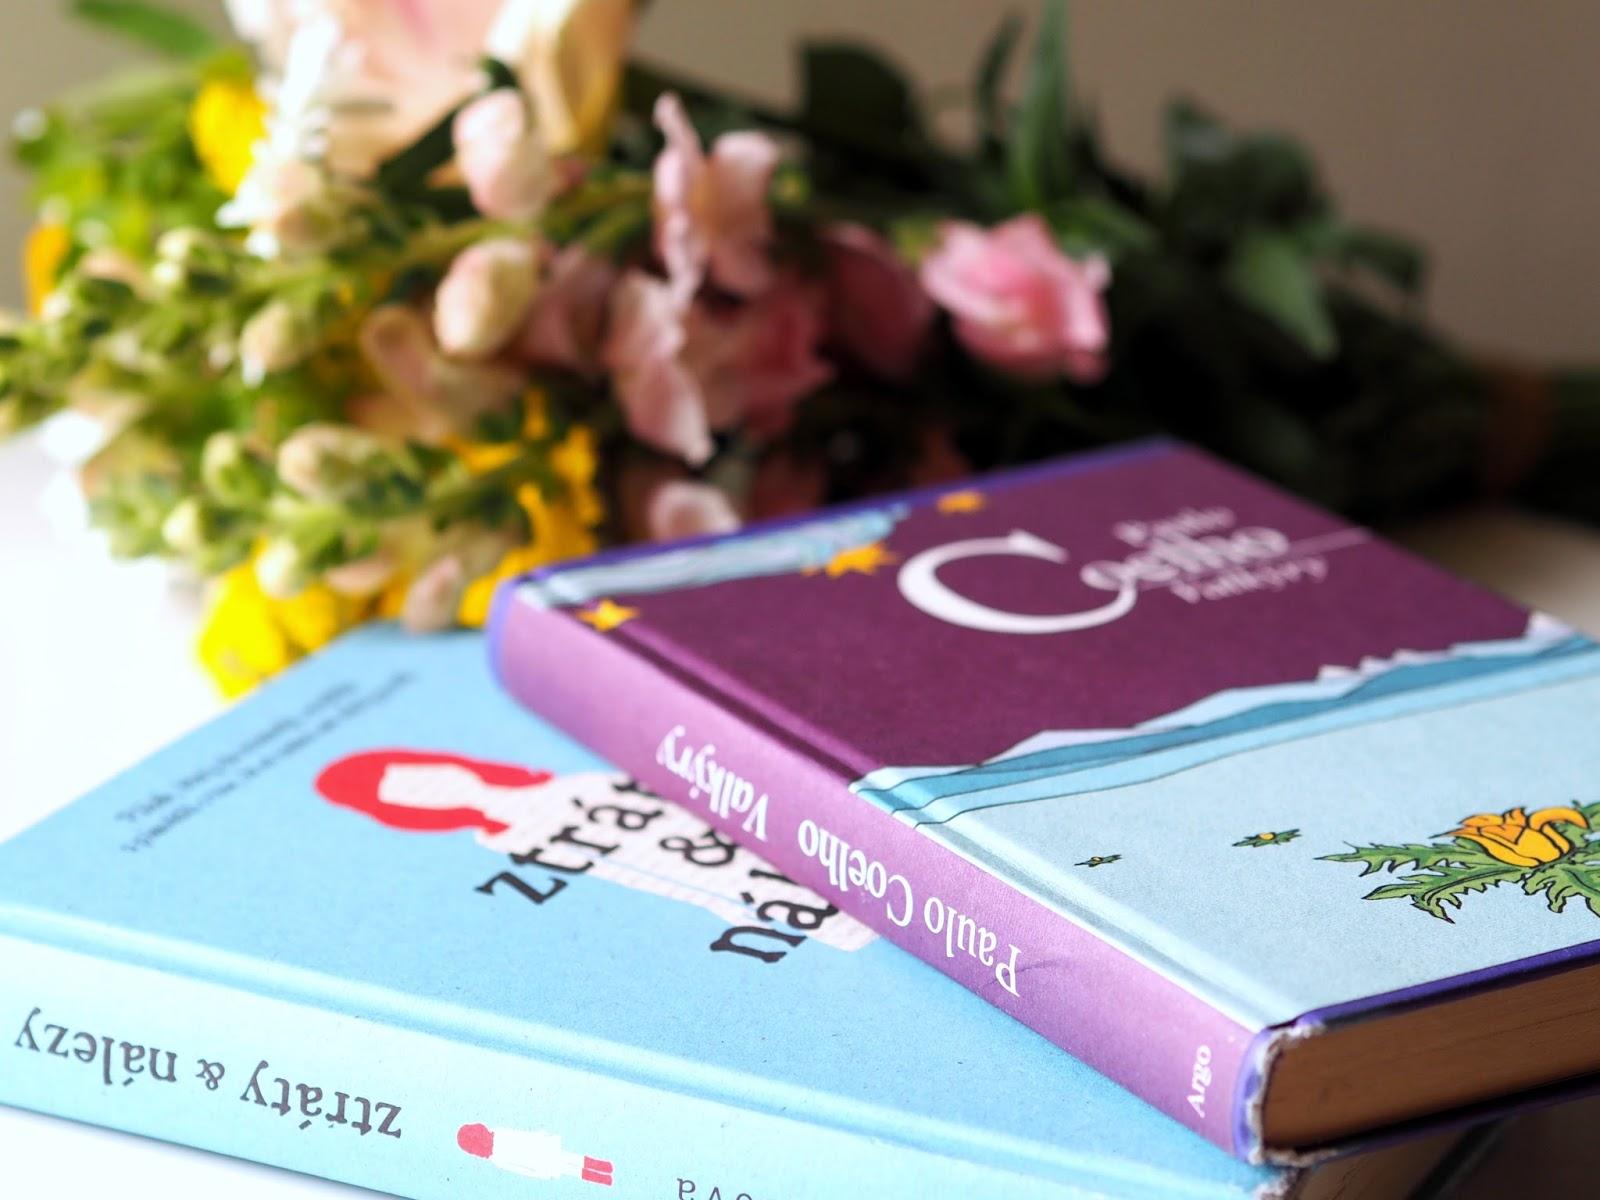 paulo Coelho kniha čtení martinus